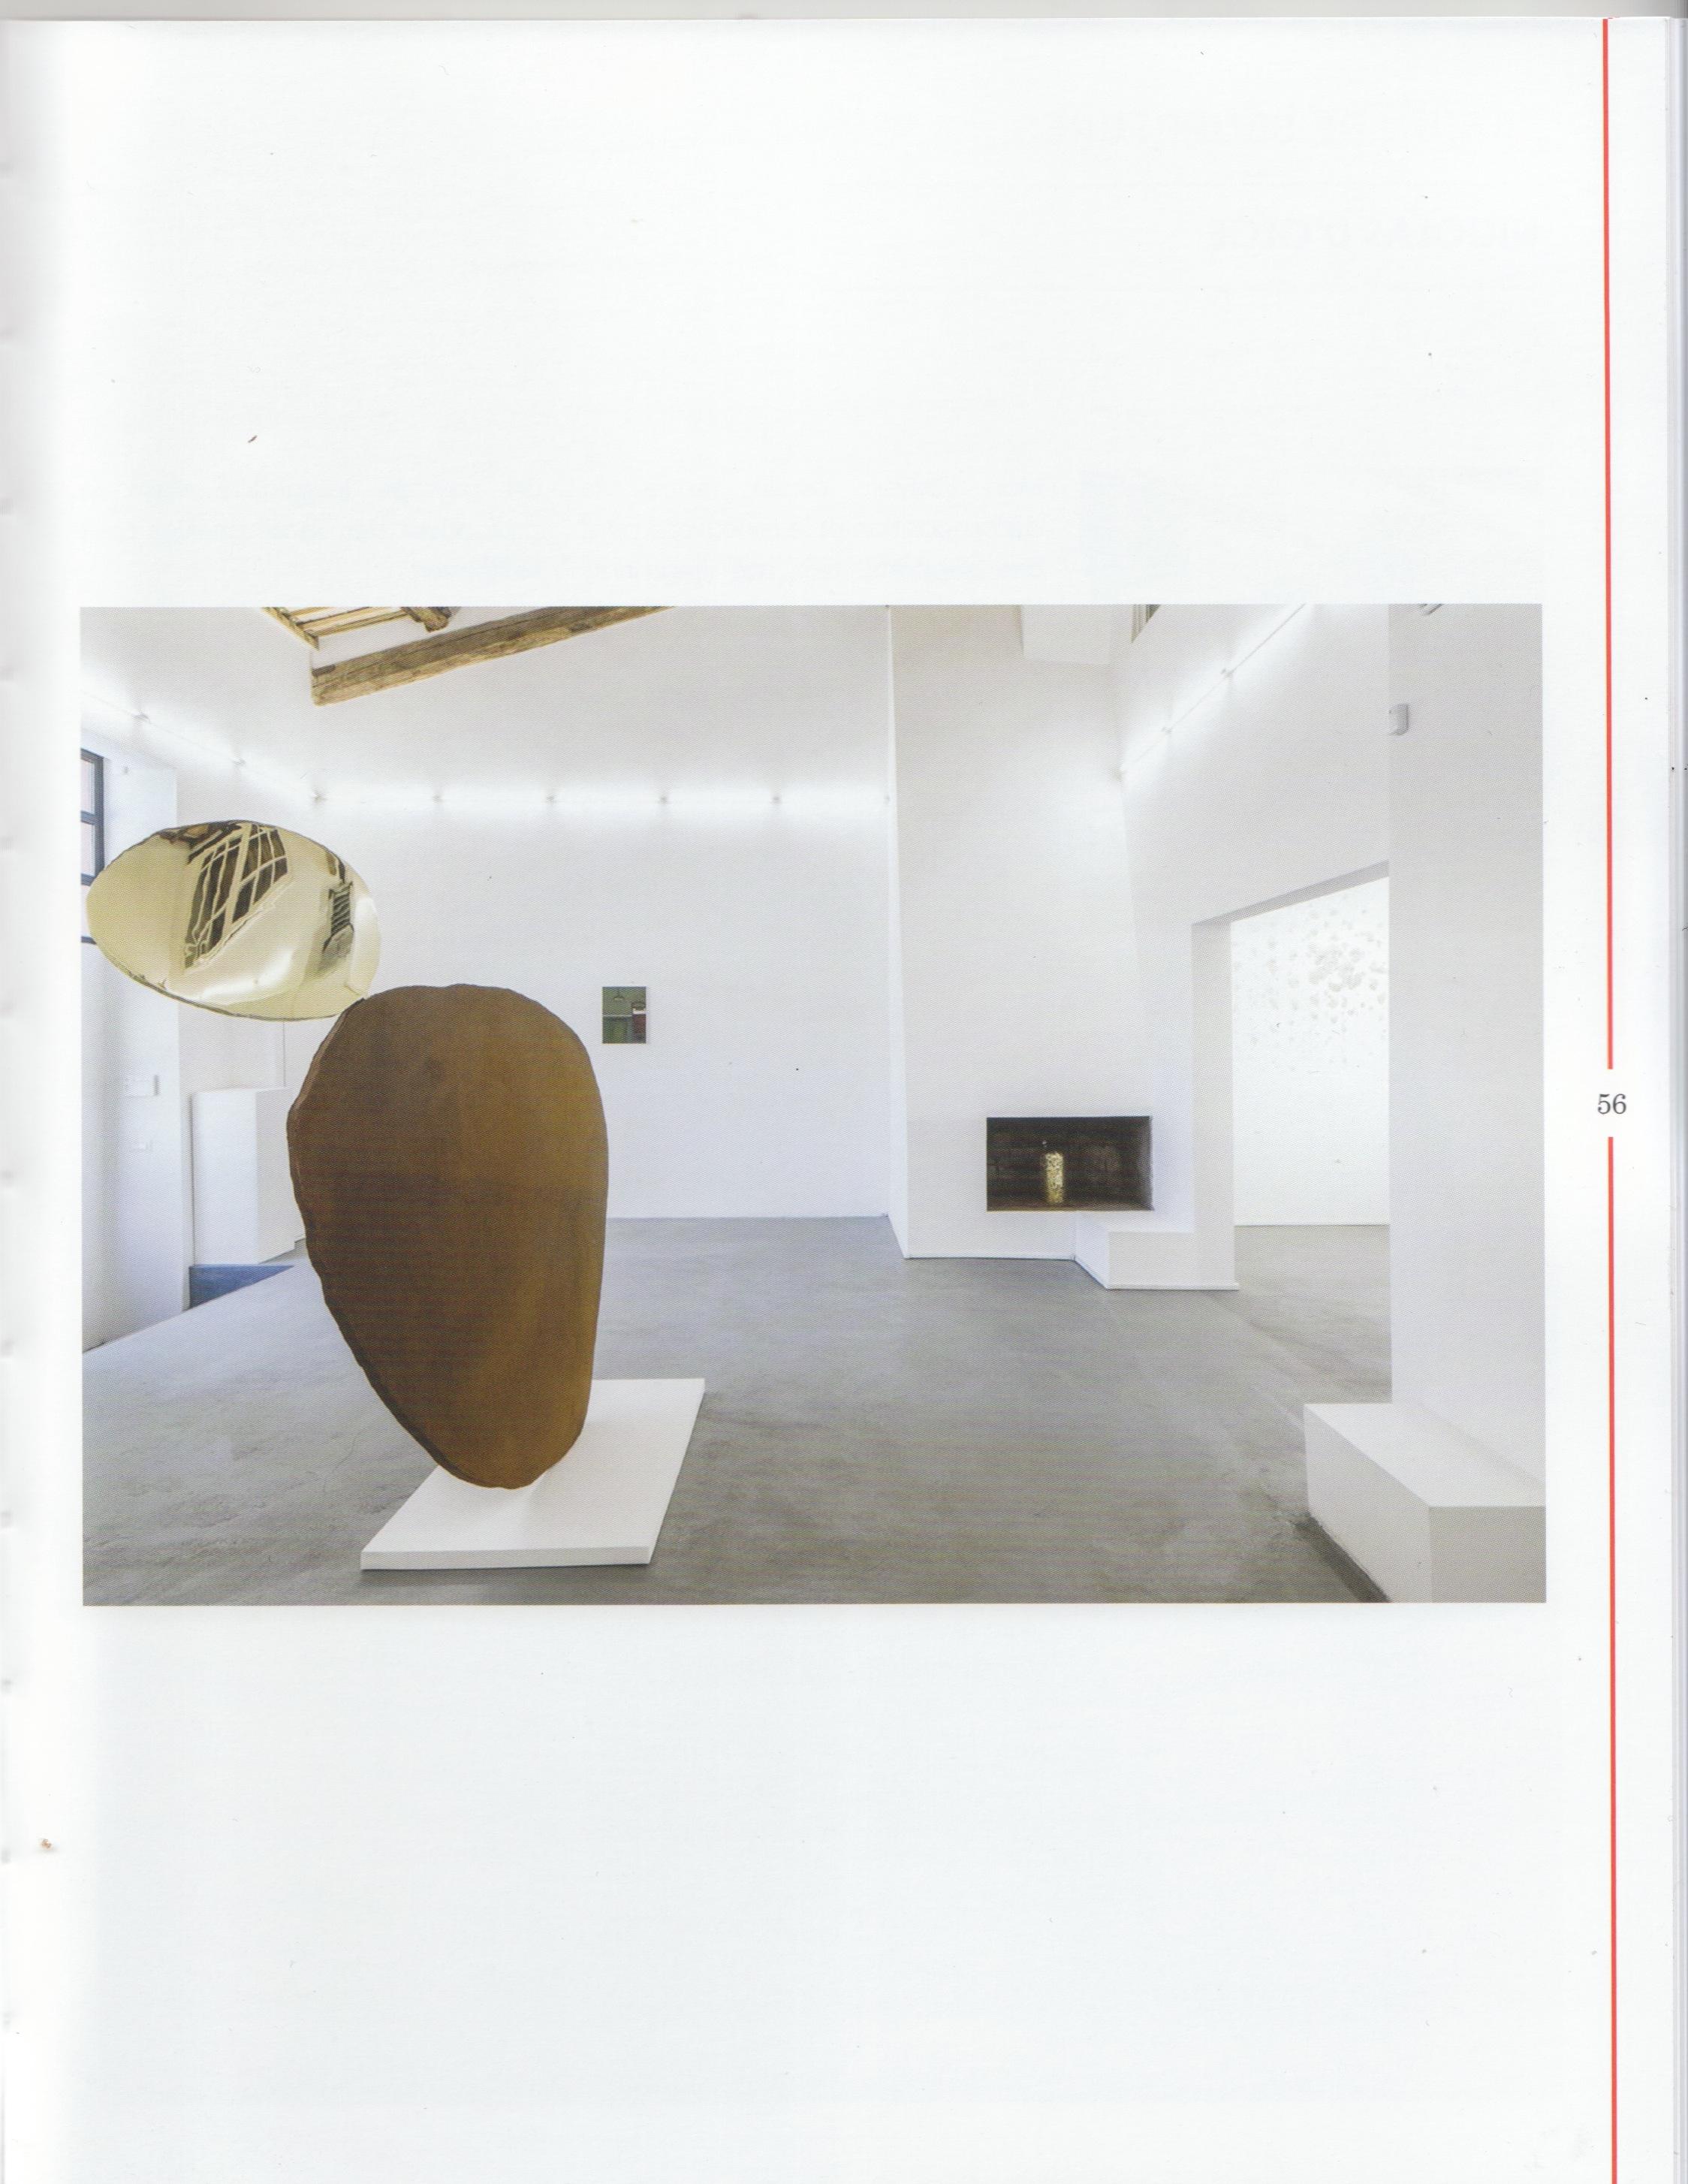 Galerie Italie